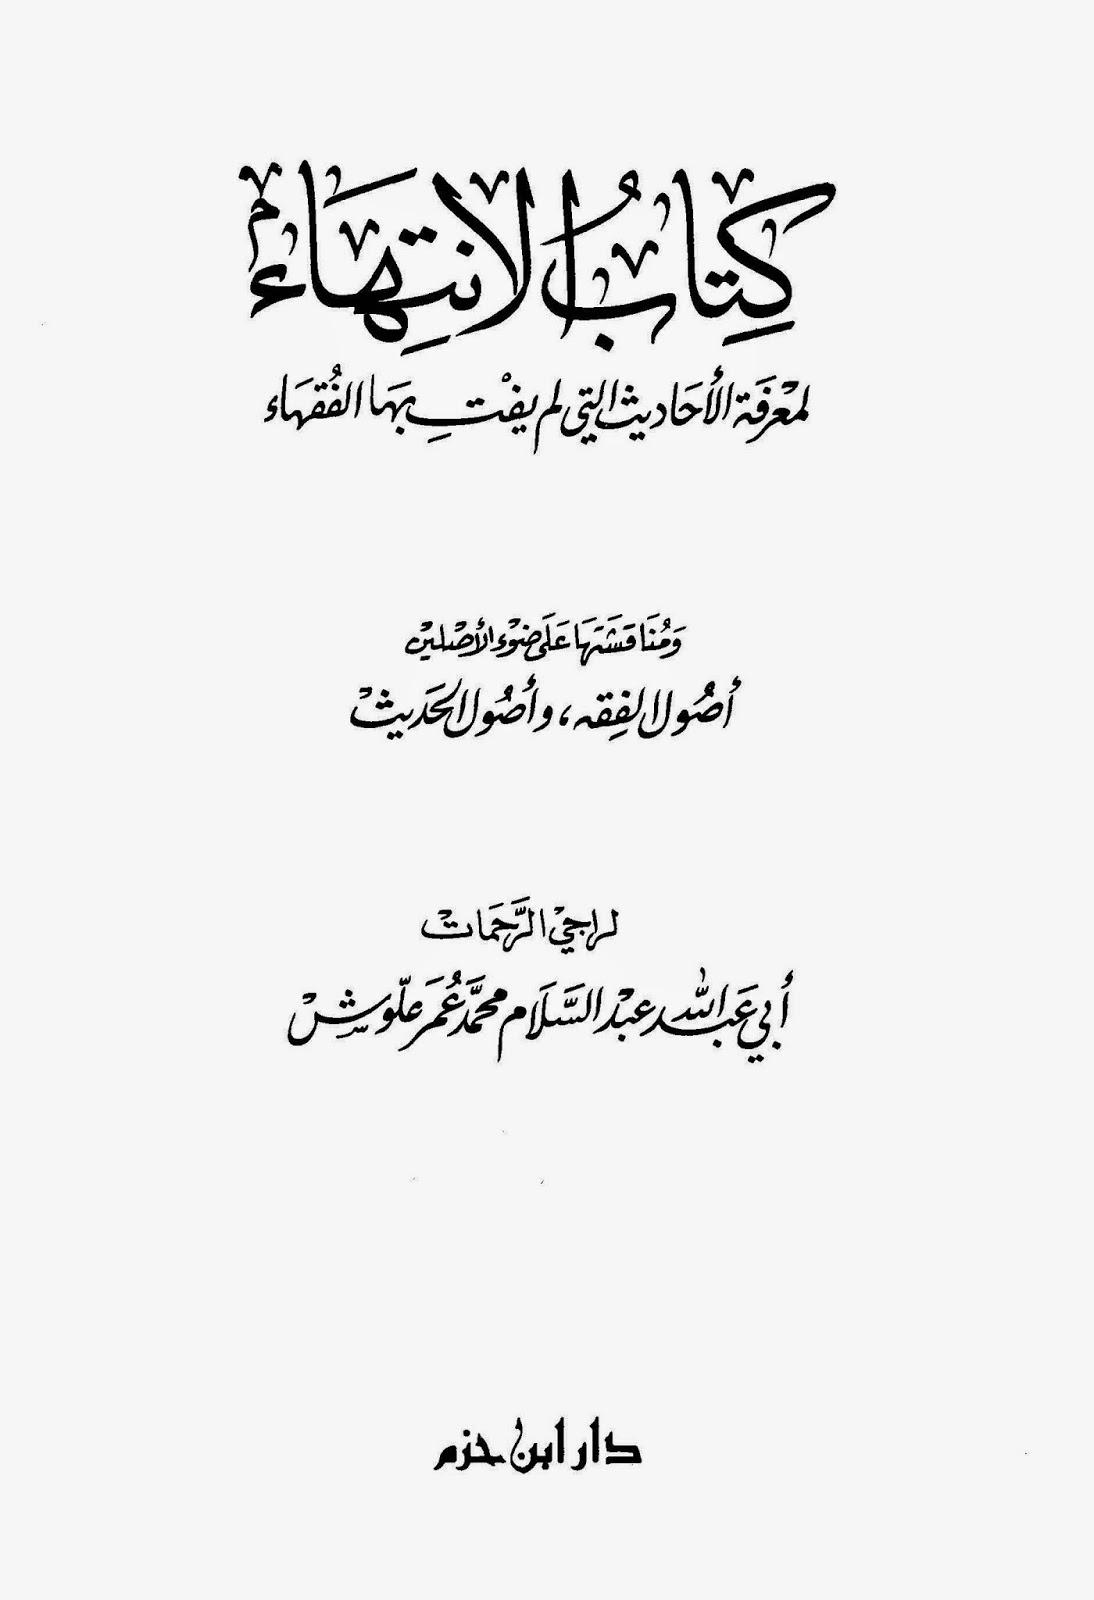 كتاب الانتهاء لمعرفة الأحاديث التي لم يفت بها الفقهاء لـ أبي عبد الله عبد السلام محمد عمر علوش